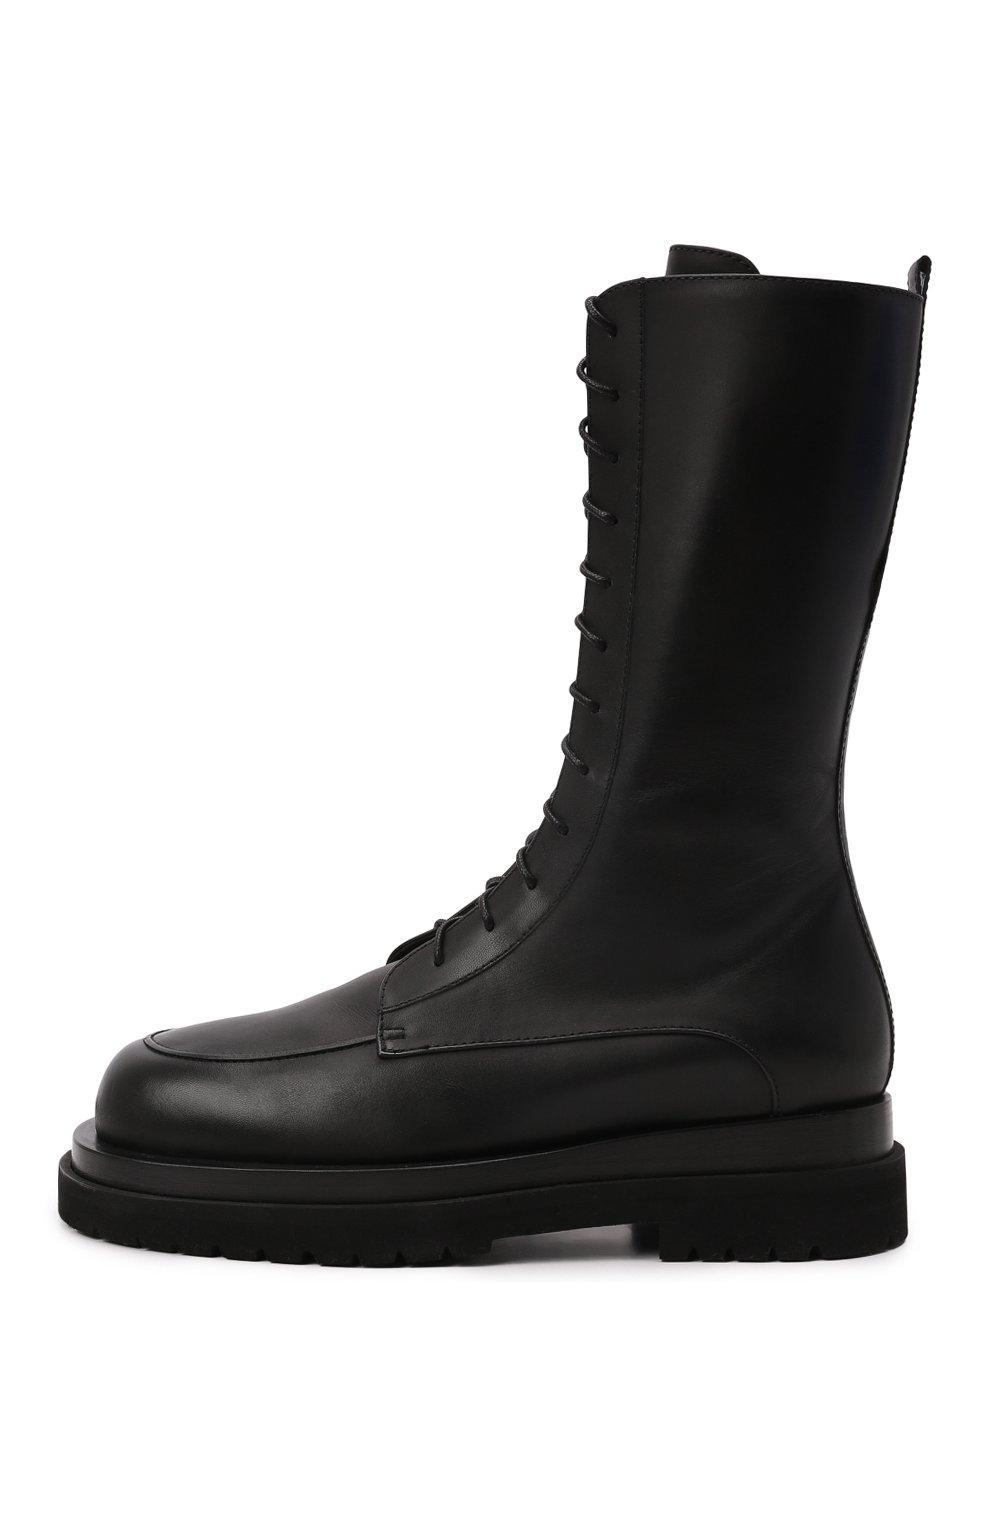 Женские кожаные ботинки MAGDA BUTRYM черного цвета, арт. 5187208008 | Фото 3 (Подошва: Платформа; Каблук высота: Низкий; Женское Кросс-КТ: Военные ботинки; Материал внутренний: Натуральная кожа)